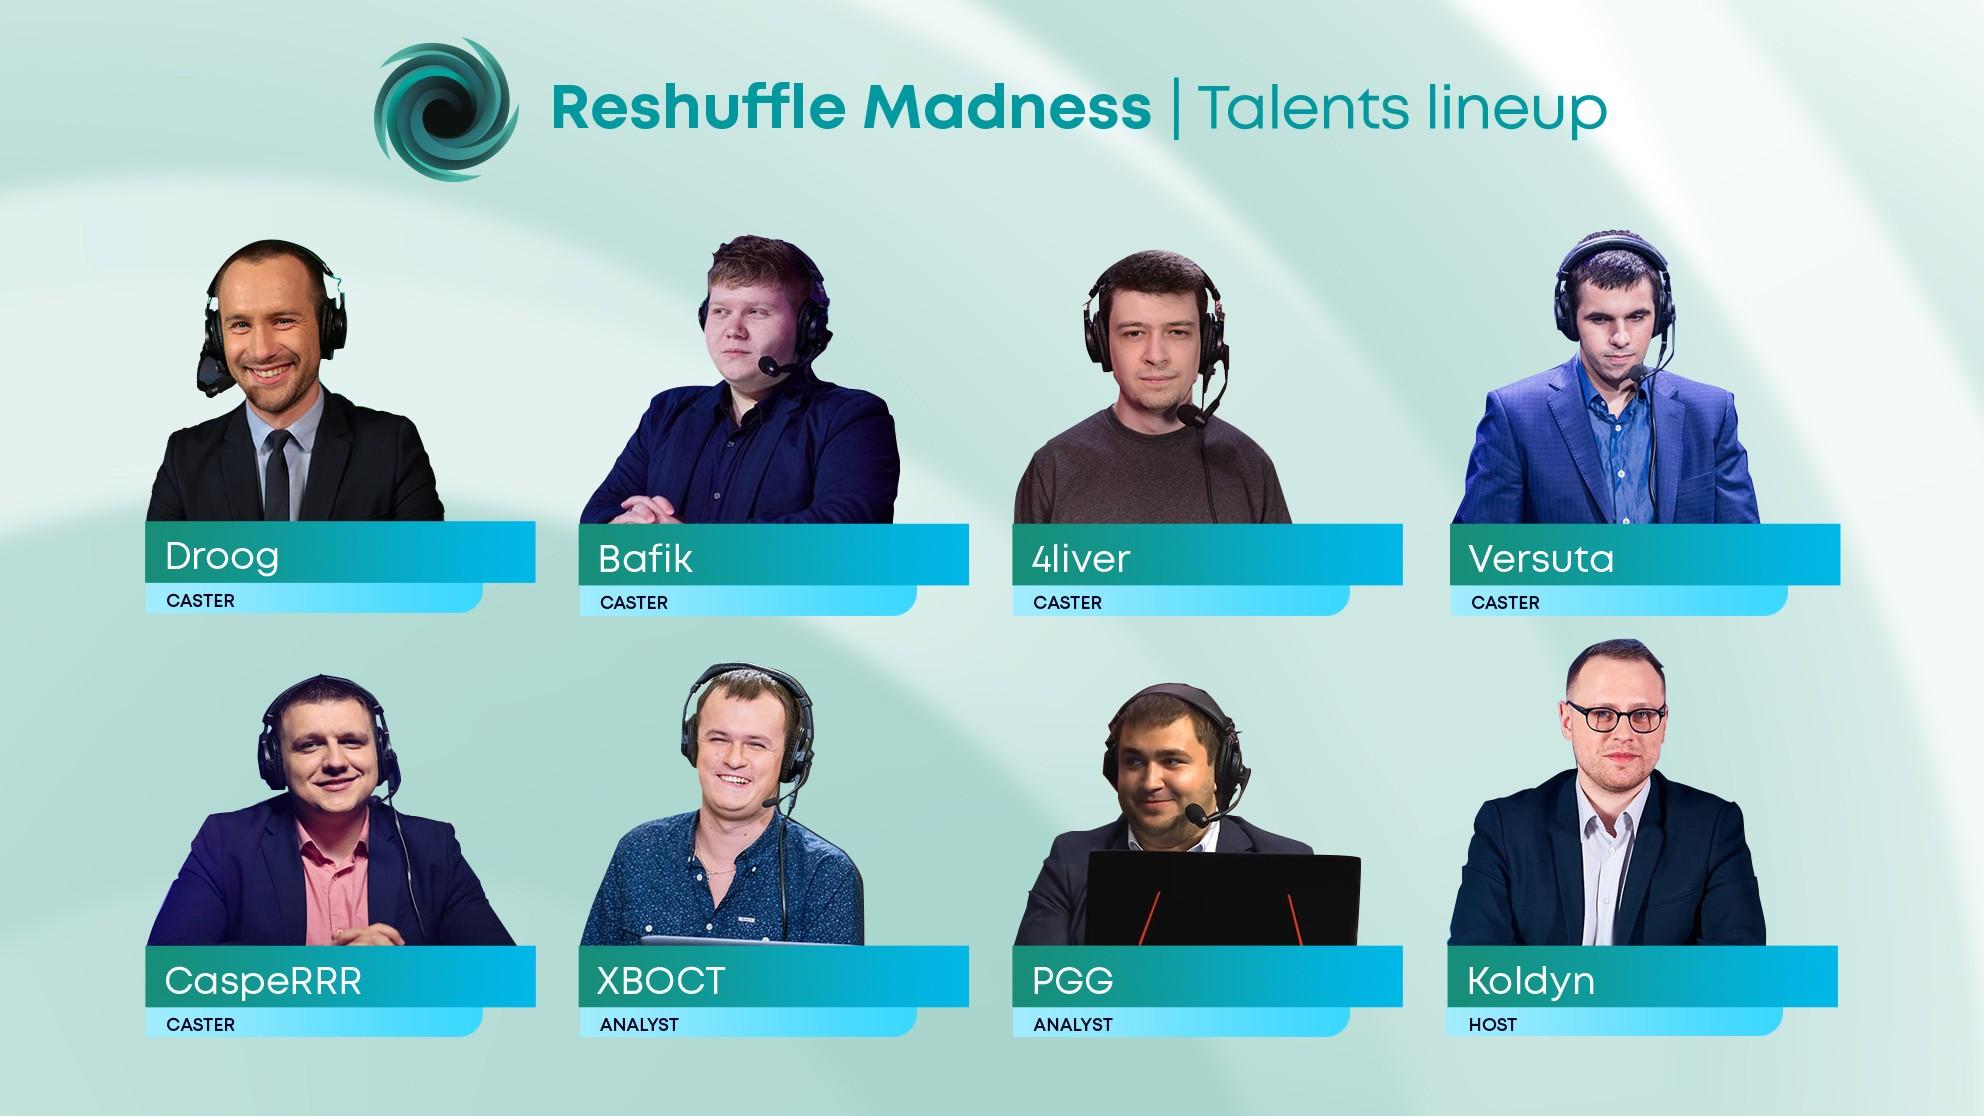 Список талантов Reshuffle Madness